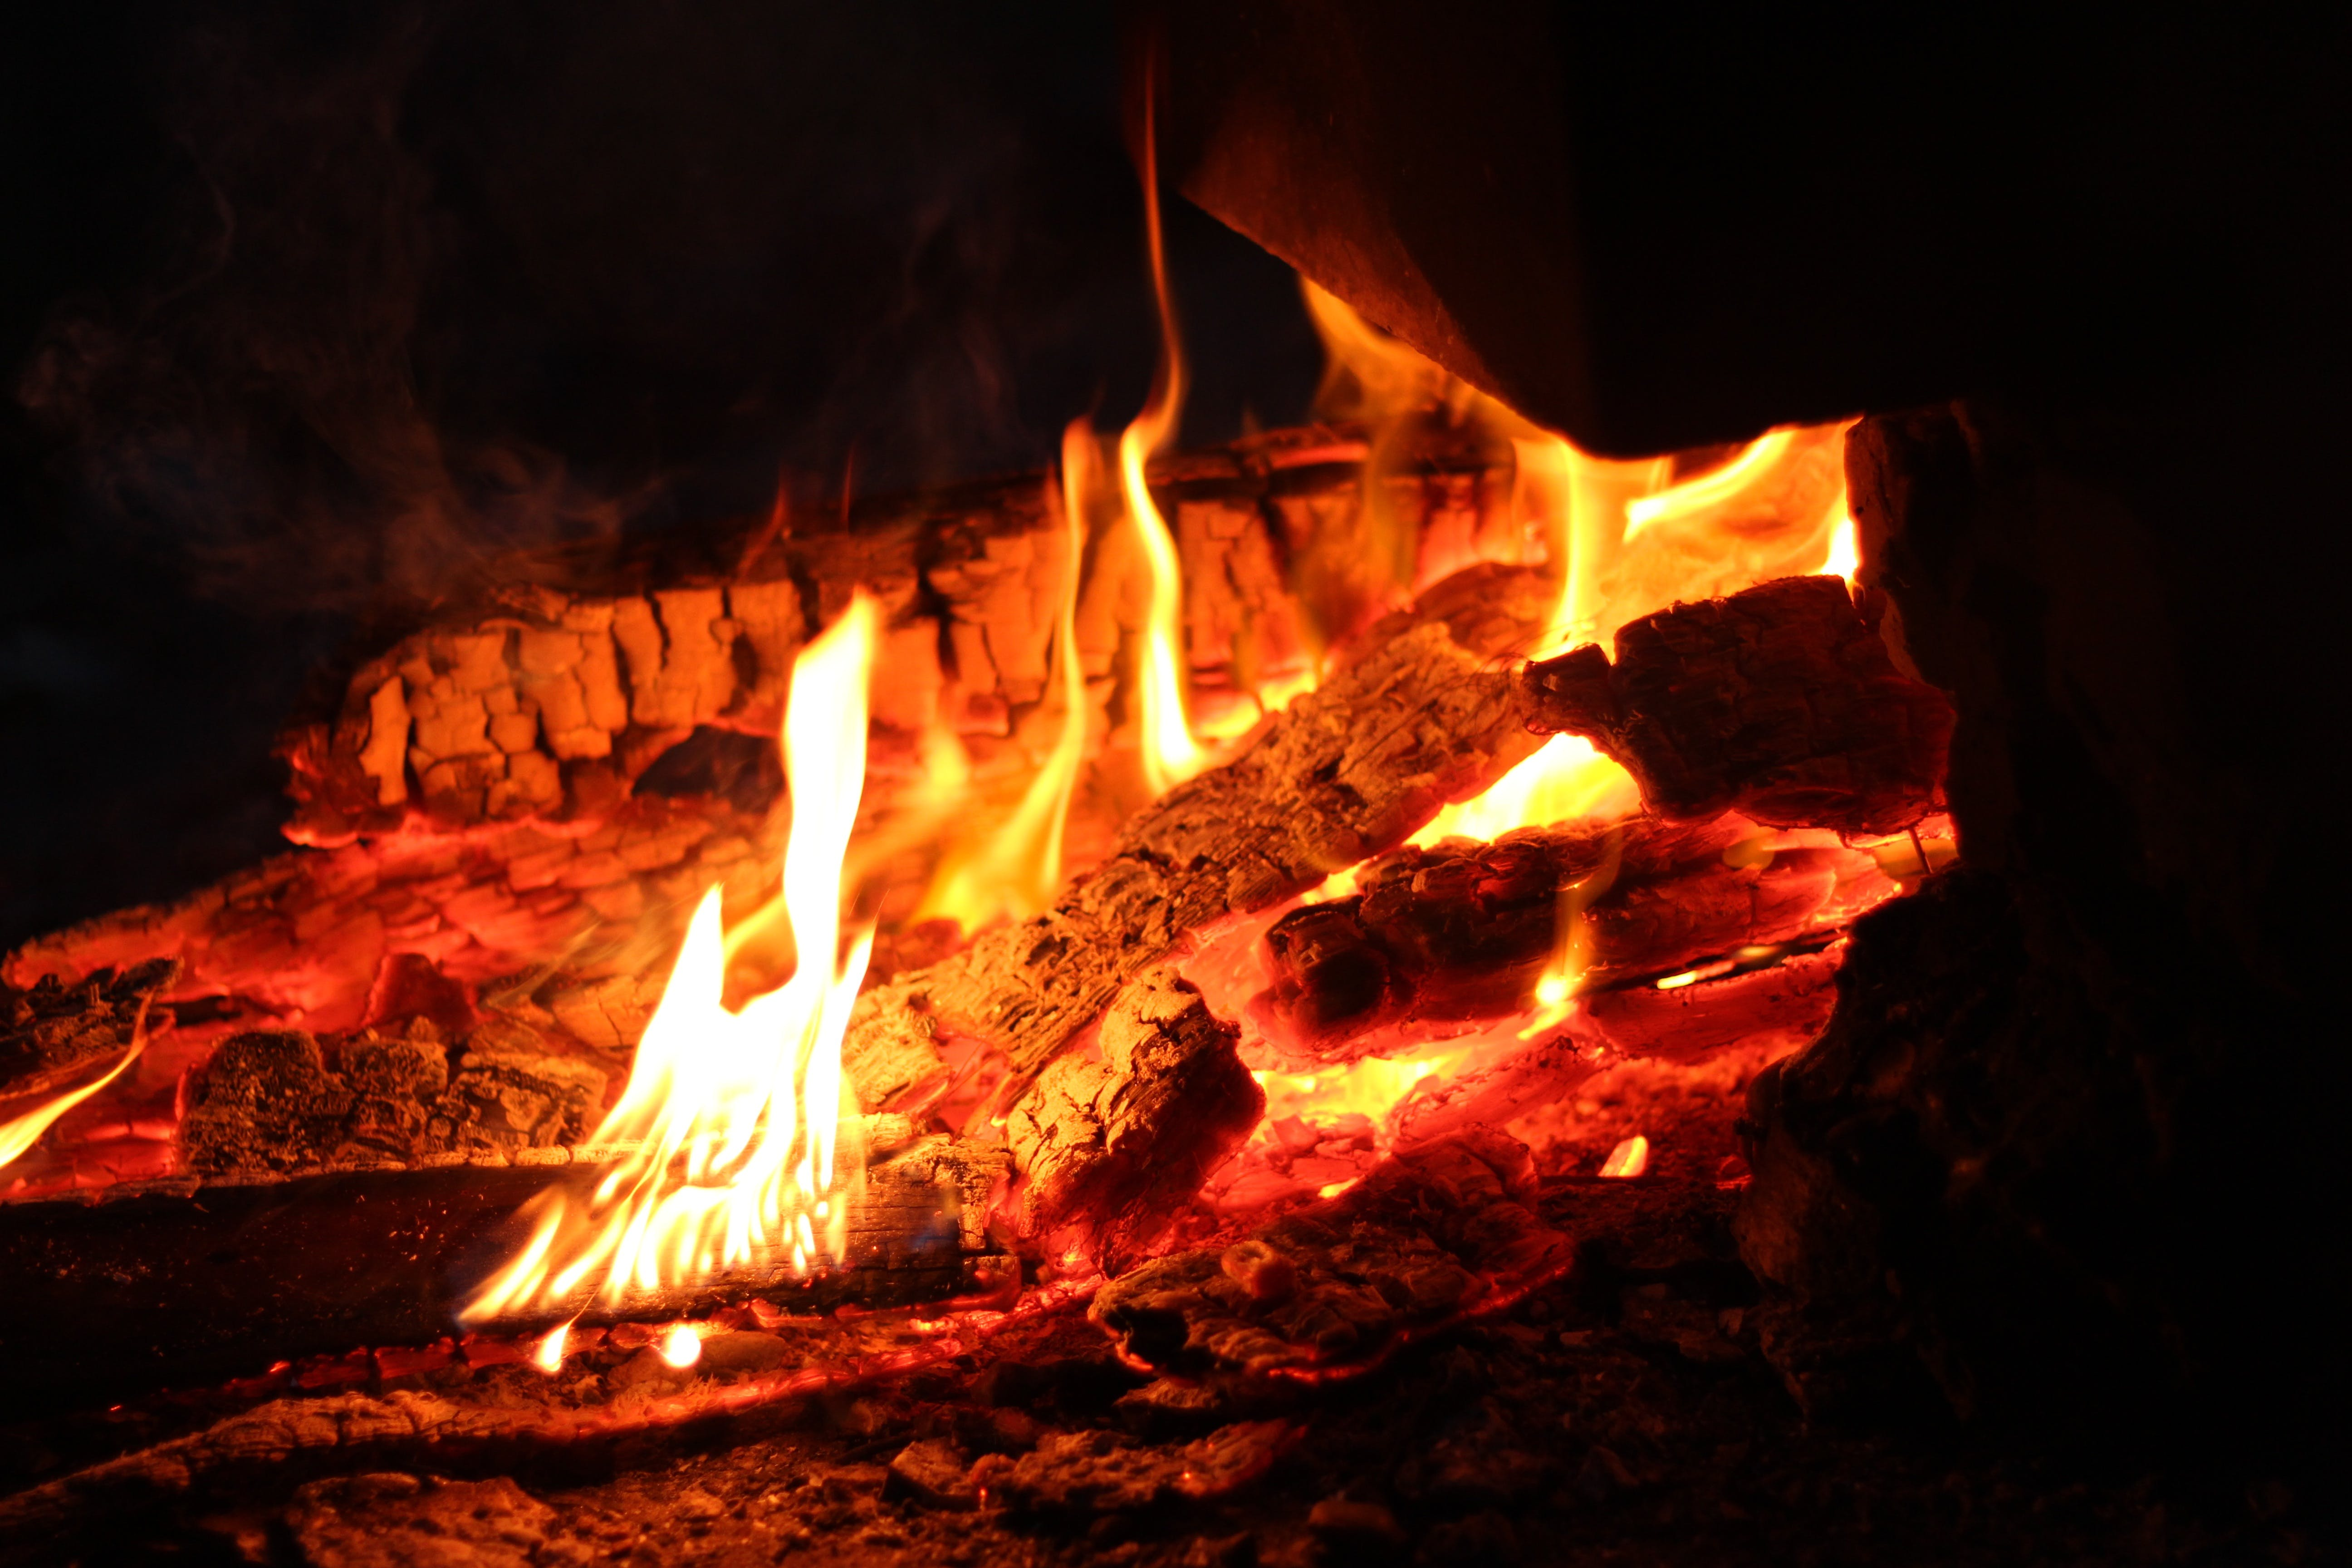 Kostenloses Stock Foto zu asche, brand, feuer, flamme